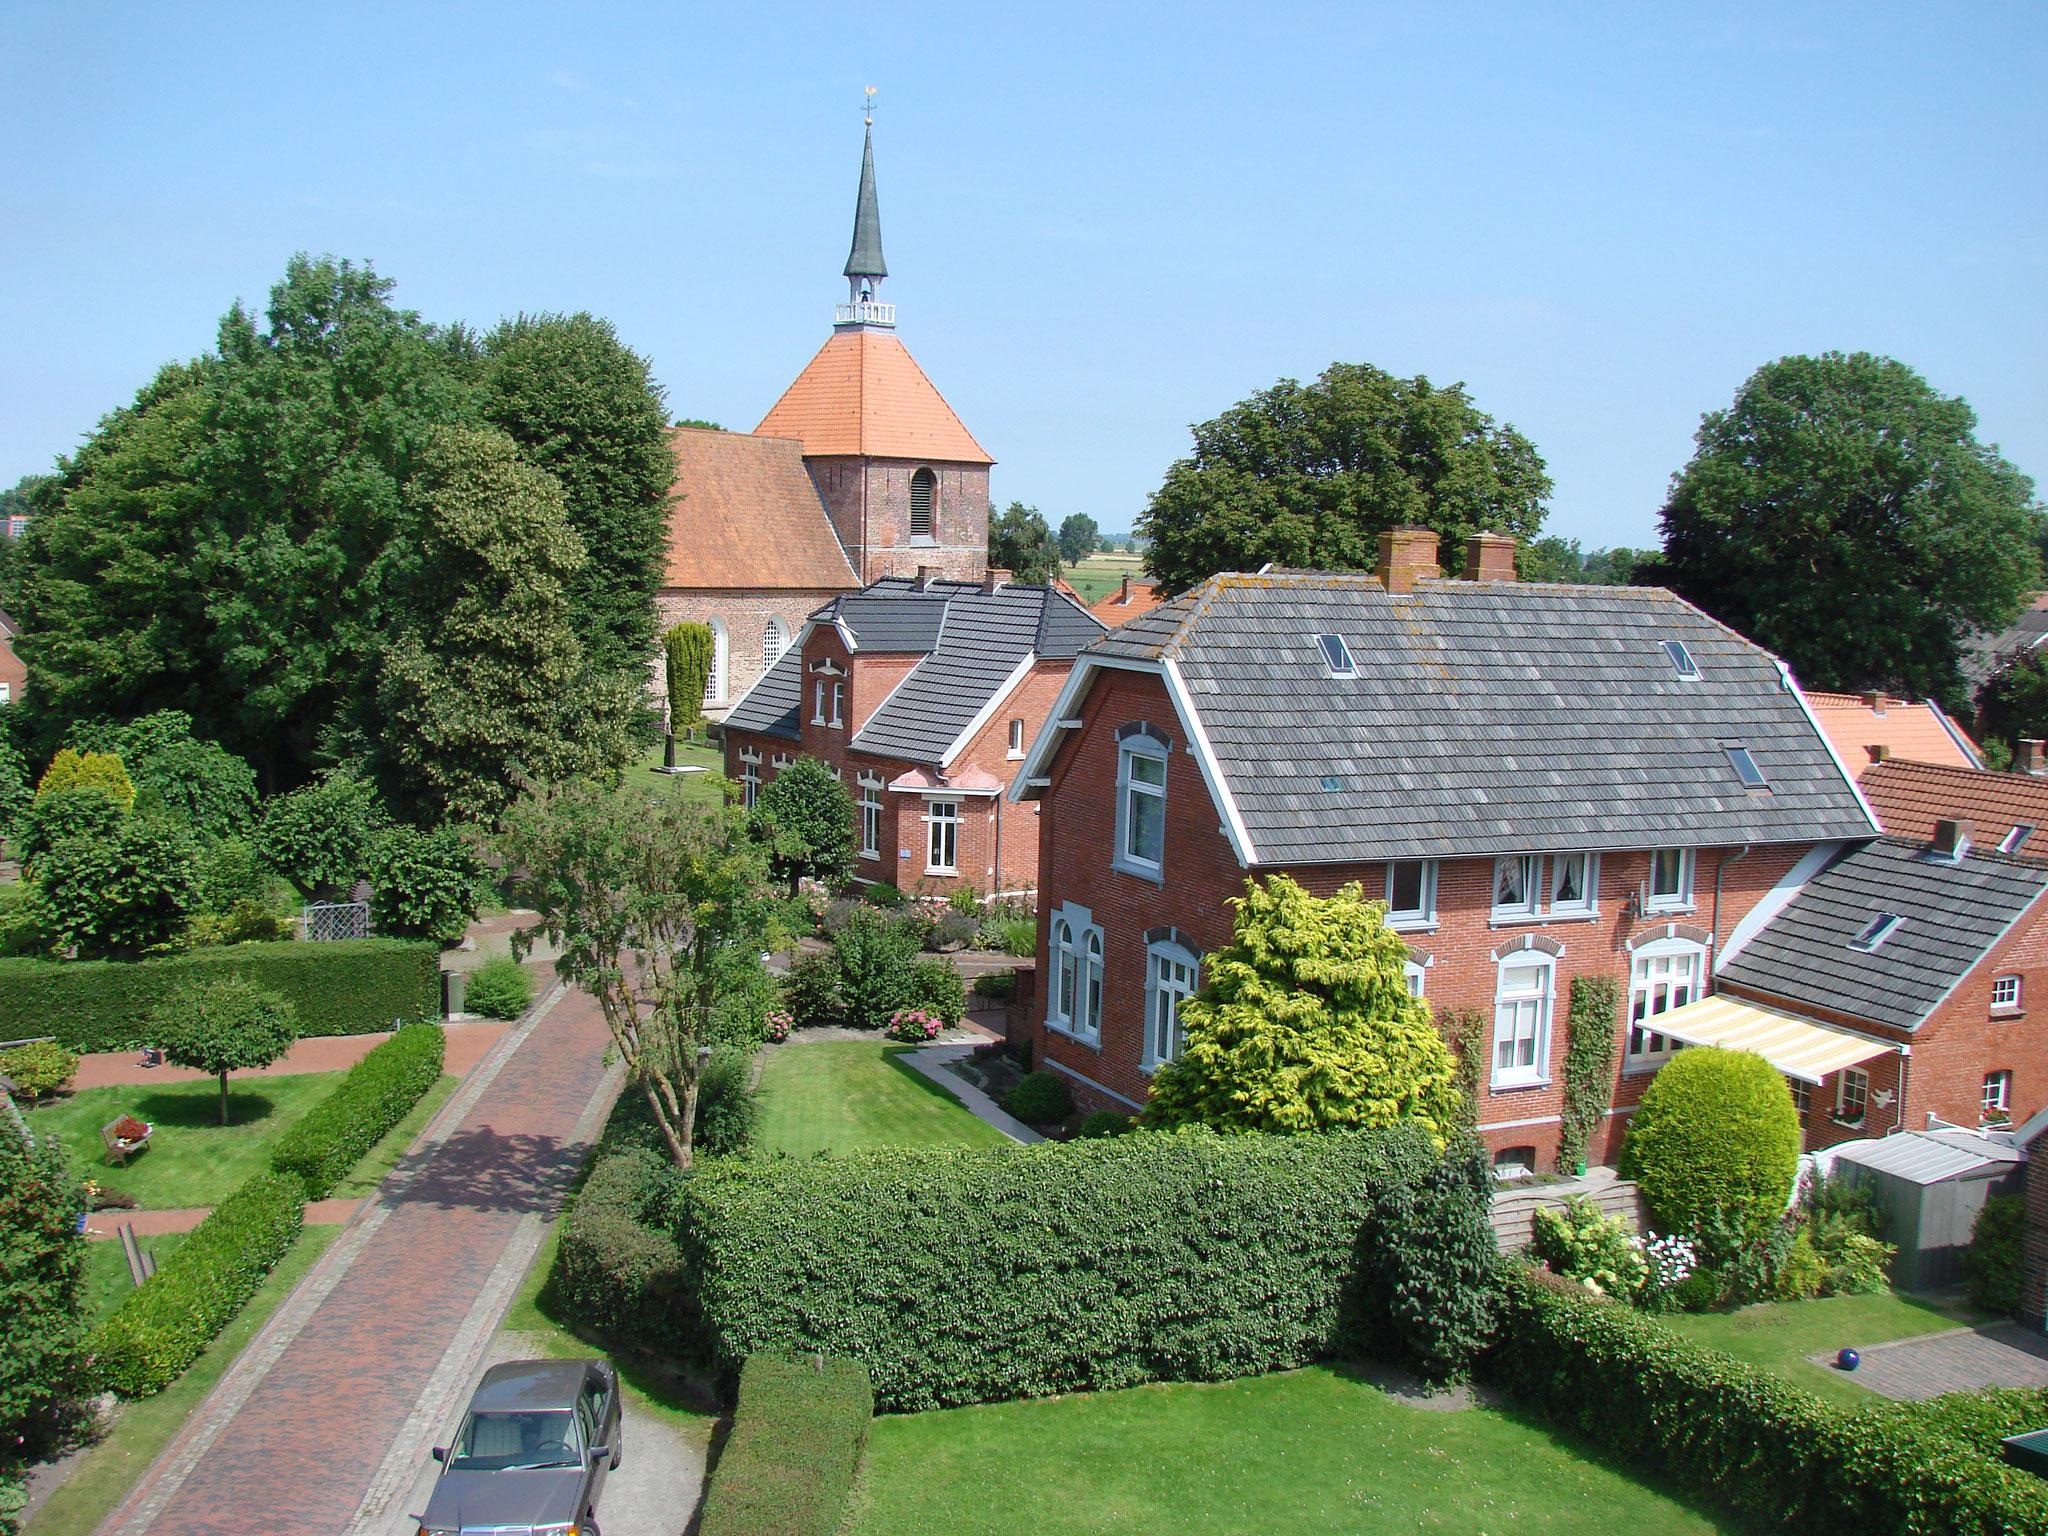 Blick von der Mühle auf das Ferienhaus und die Kirche